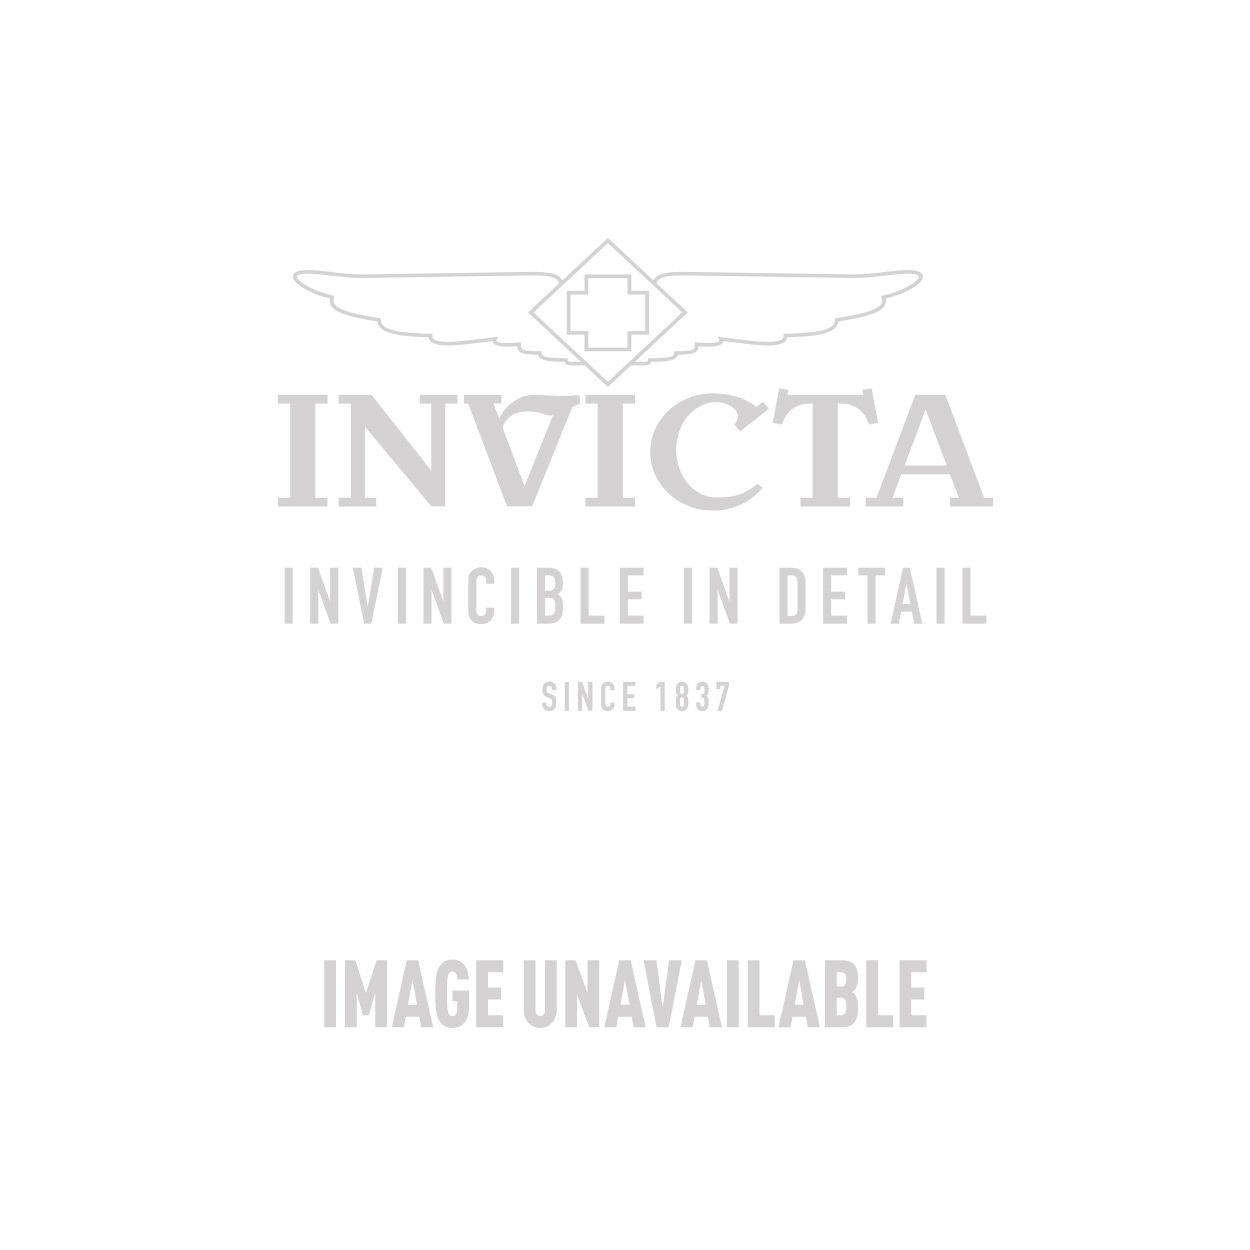 Invicta Model 28077